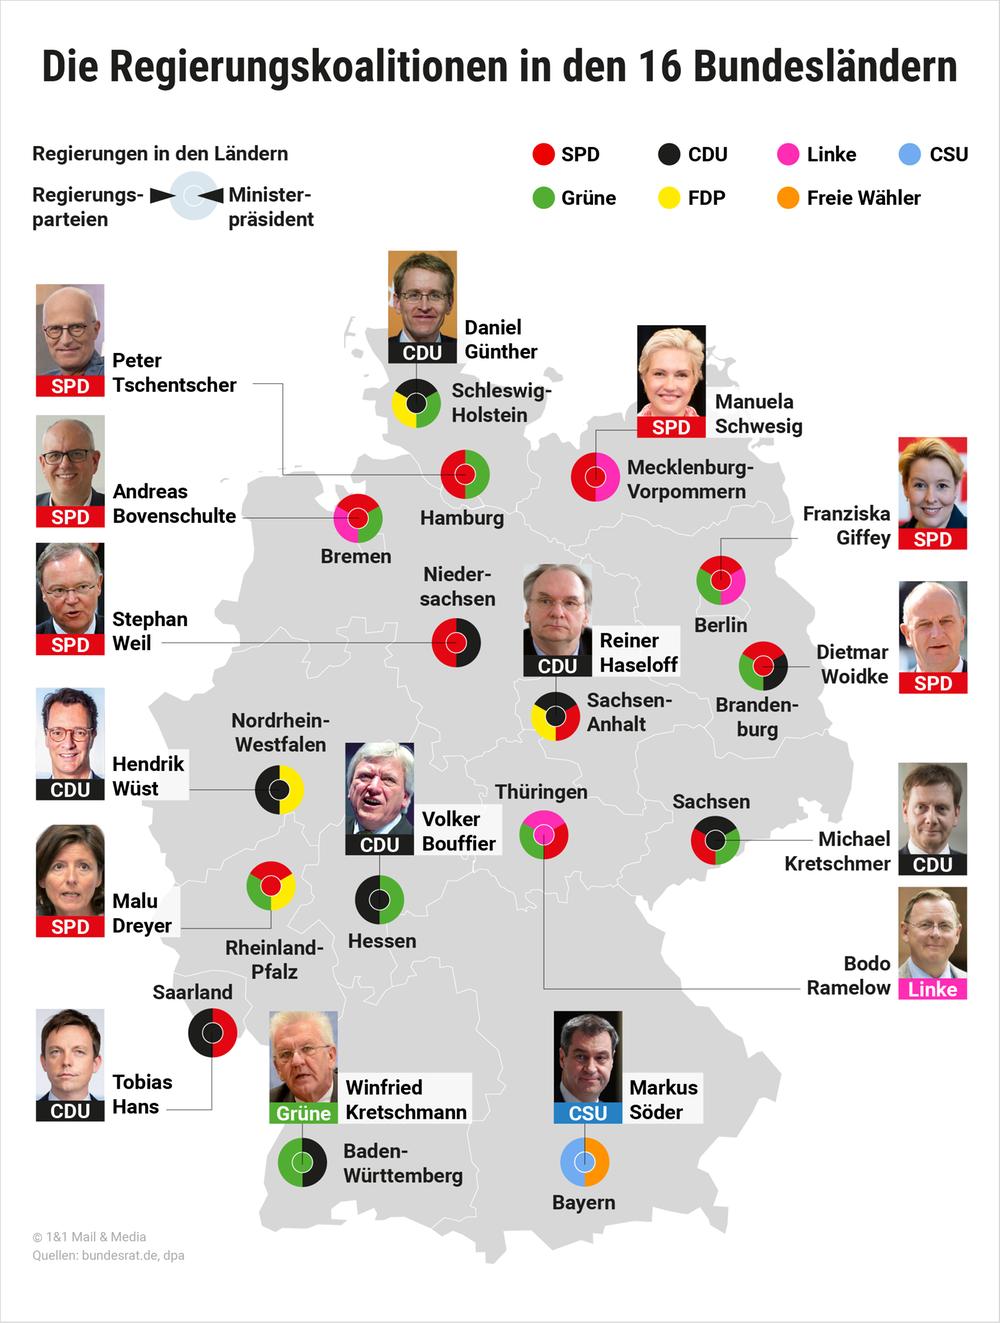 Die Regierungskoalitionen in den 16 Bundesländern